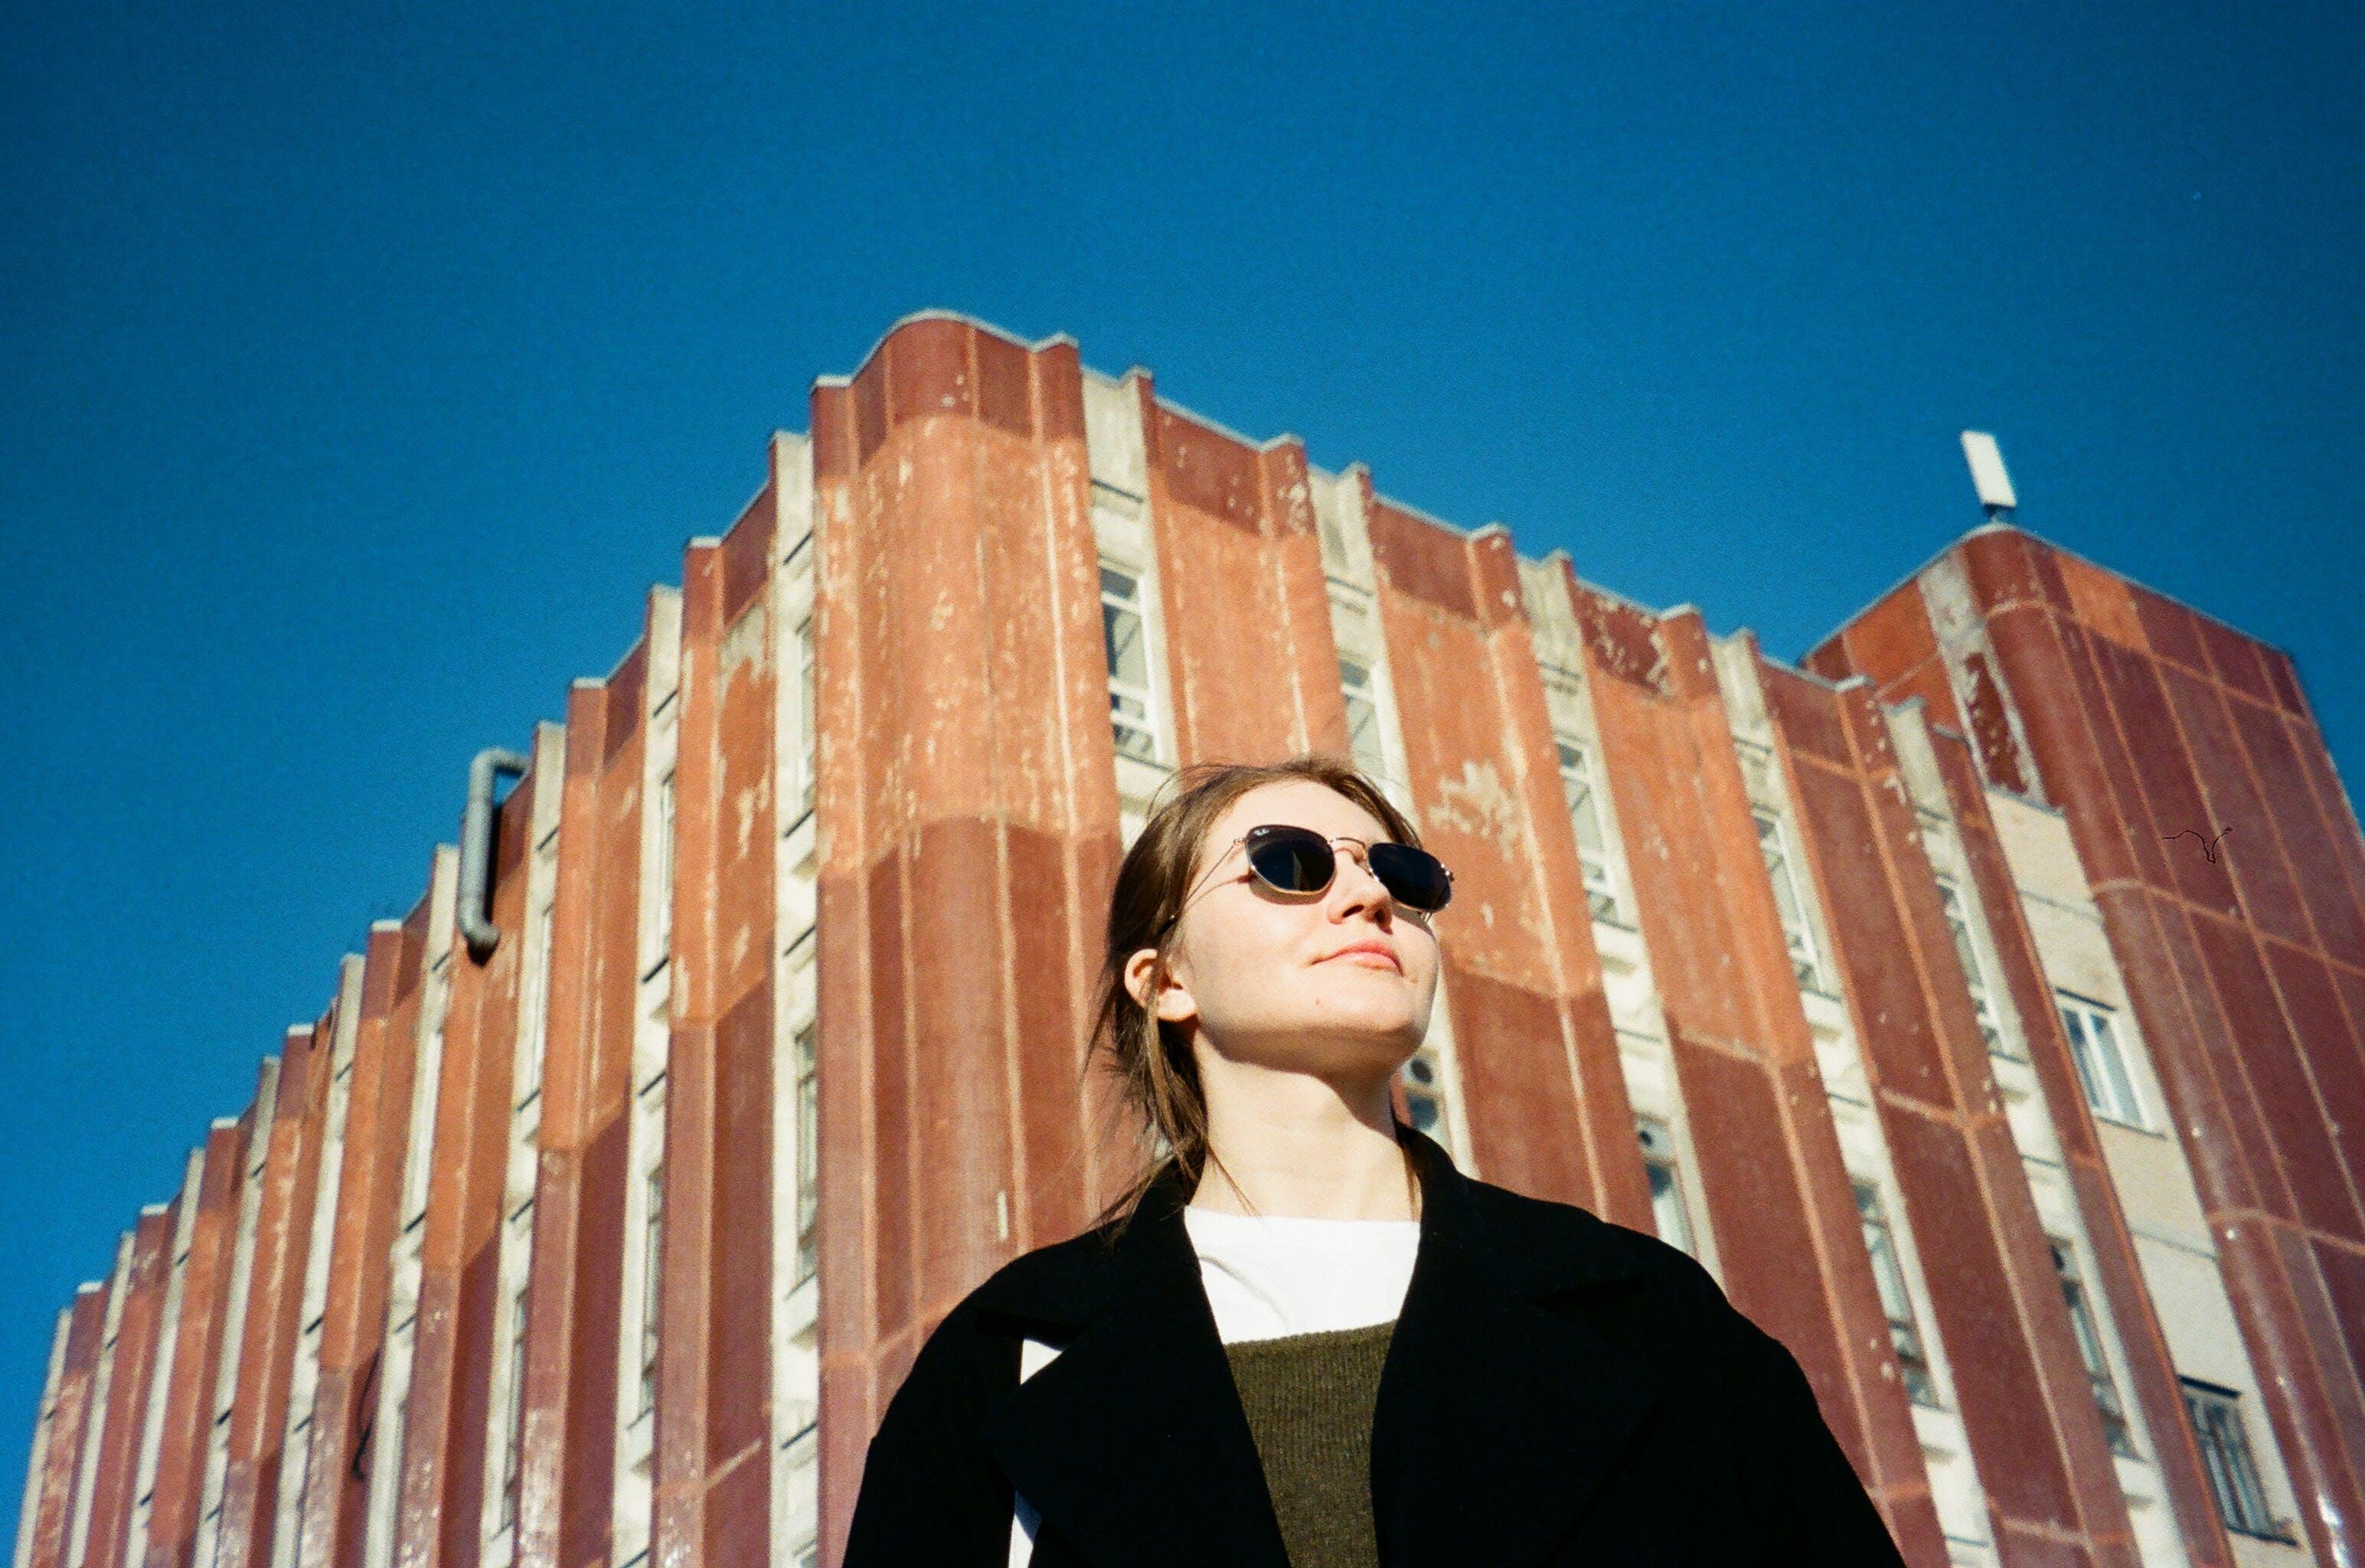 Gratis lagerfoto af arkitektur, bygning, kvinde, person